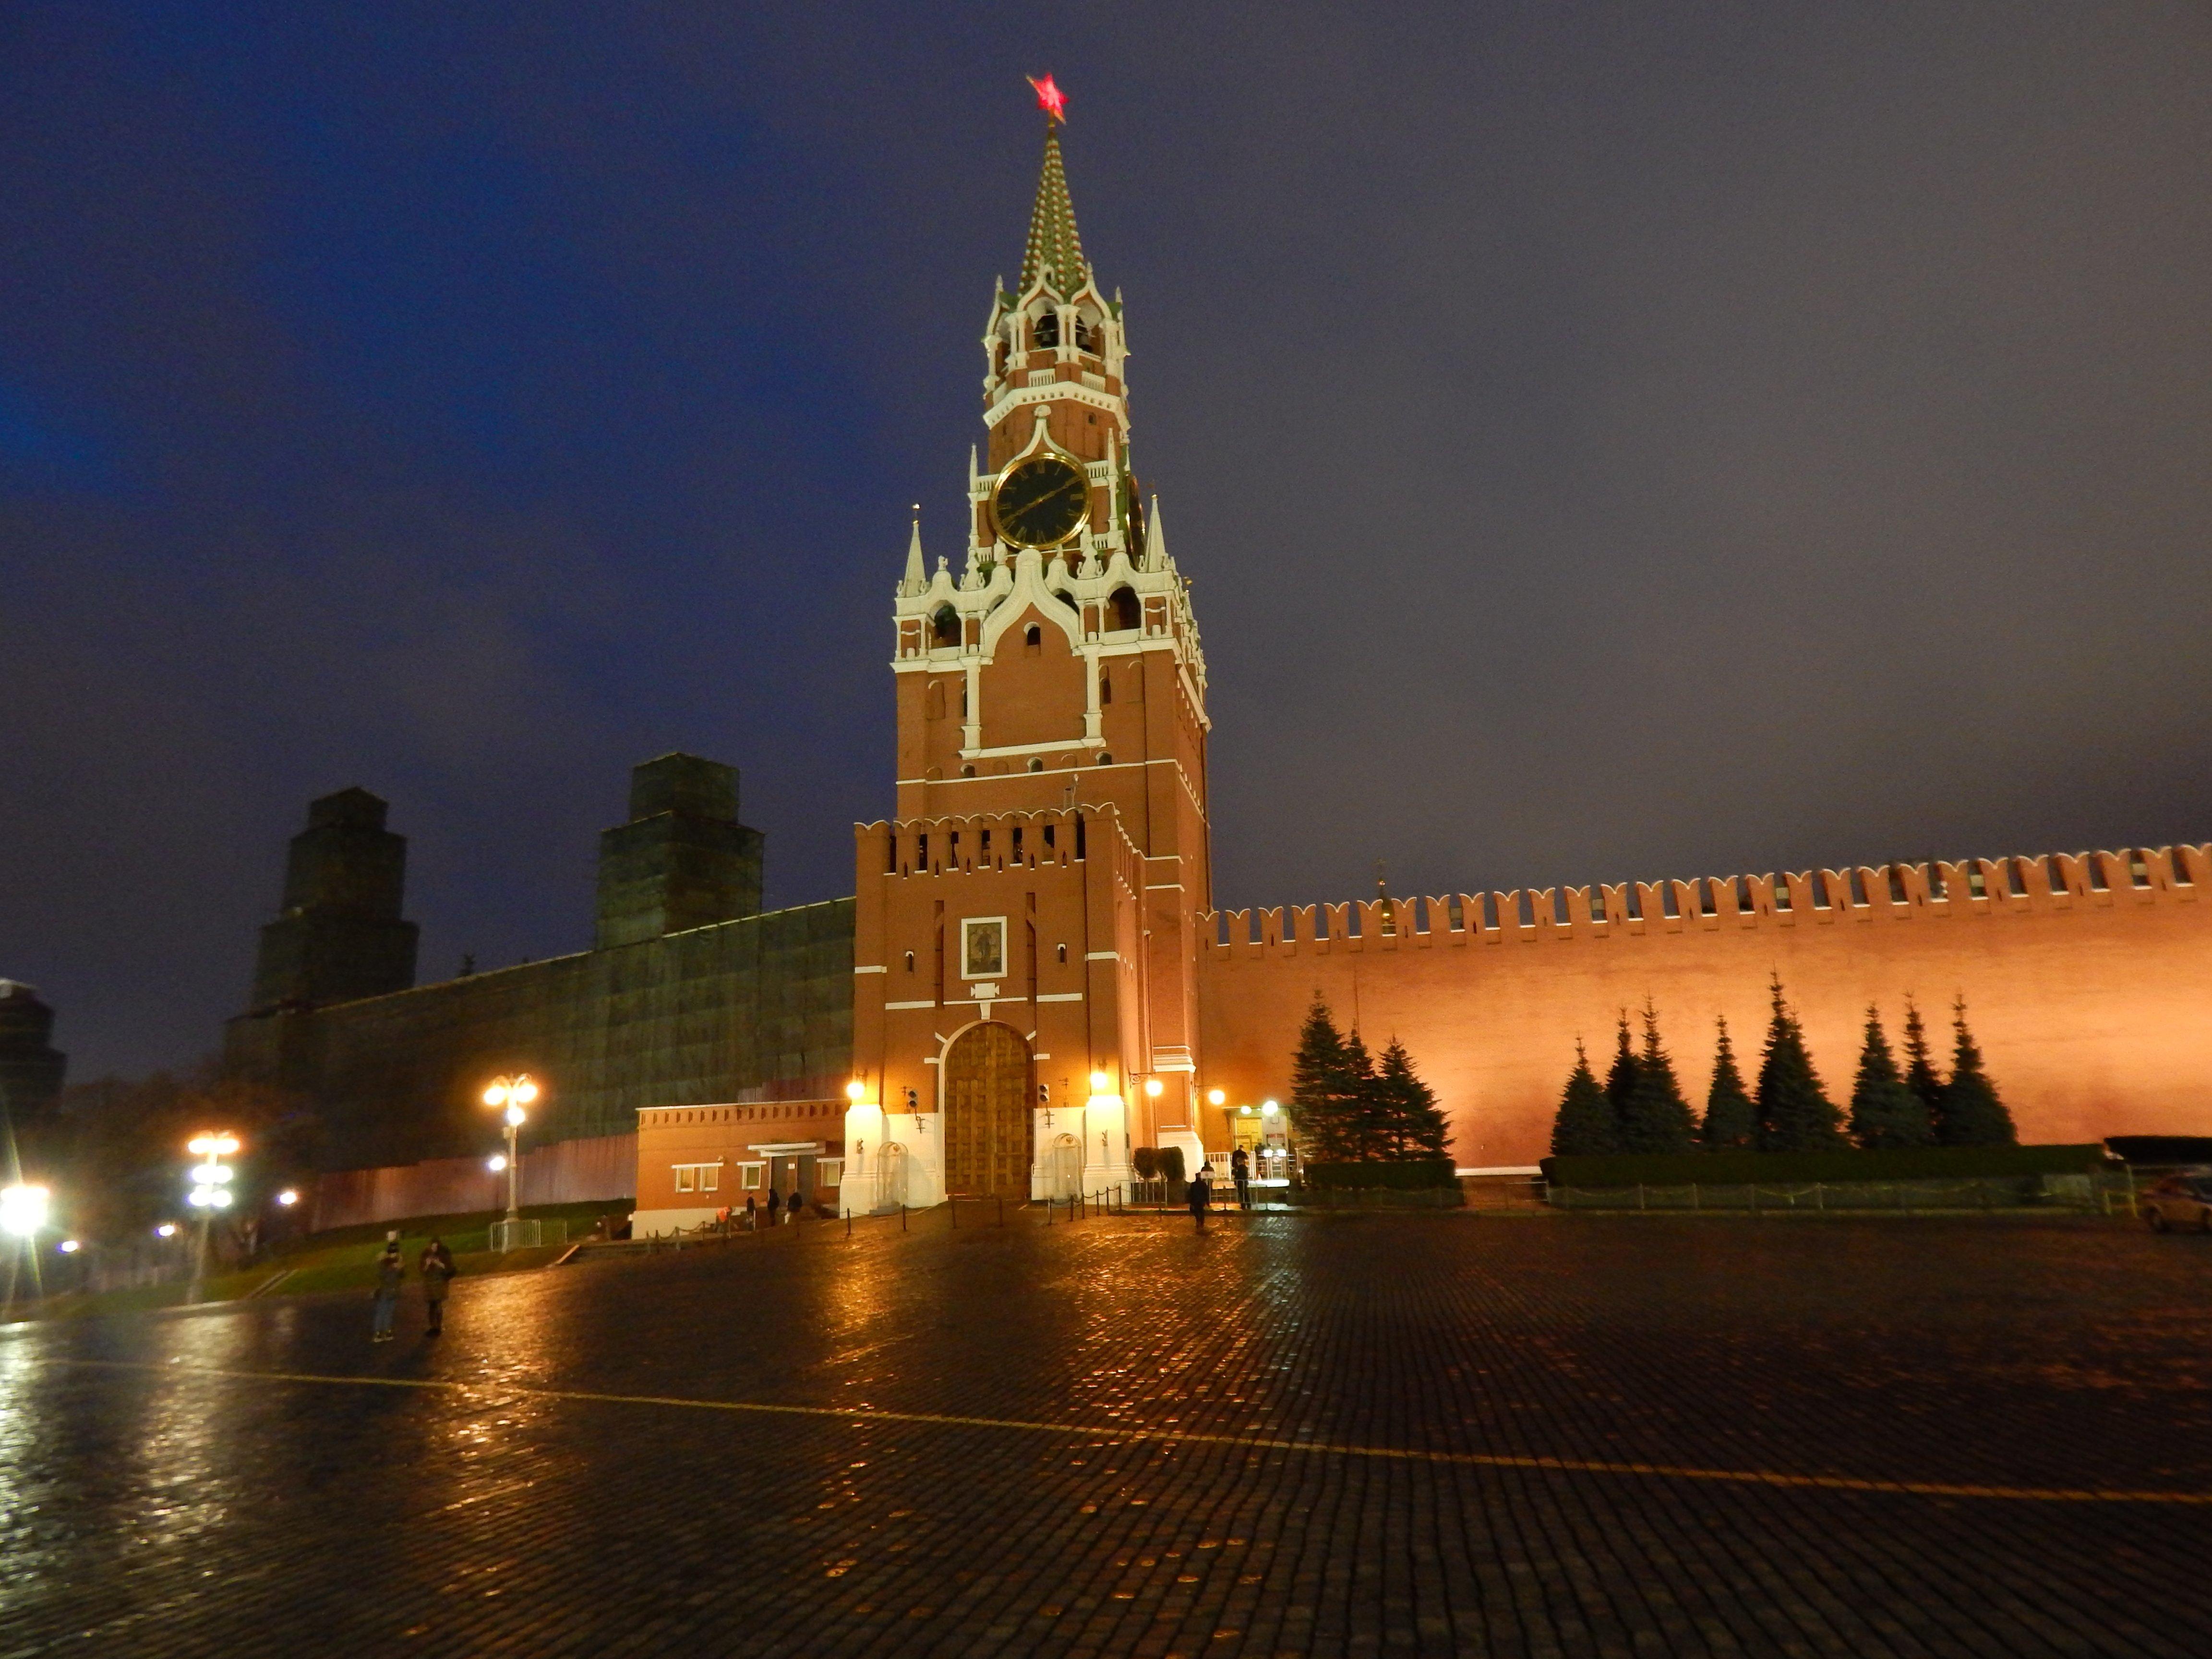 картинки площадь кремля пишет сценарии